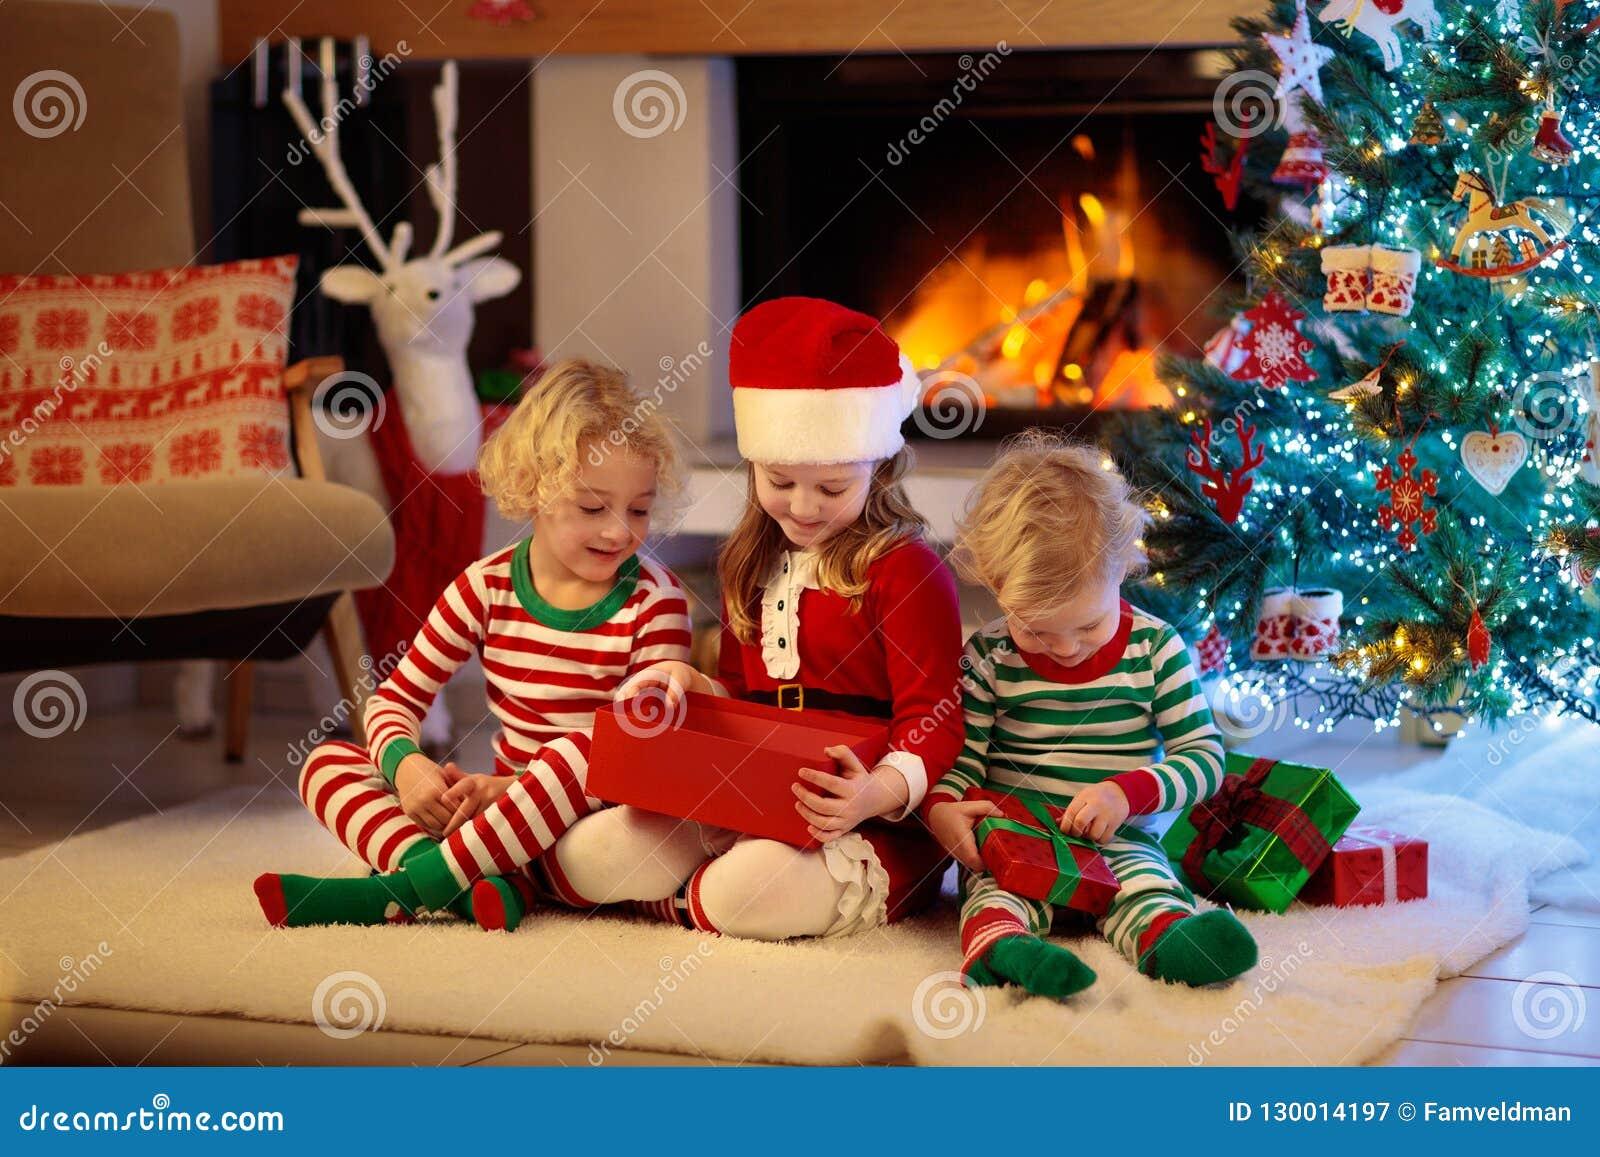 Παιδί στο χριστουγεννιάτικο δέντρο Παιδιά στην εστία στα Χριστούγεννα